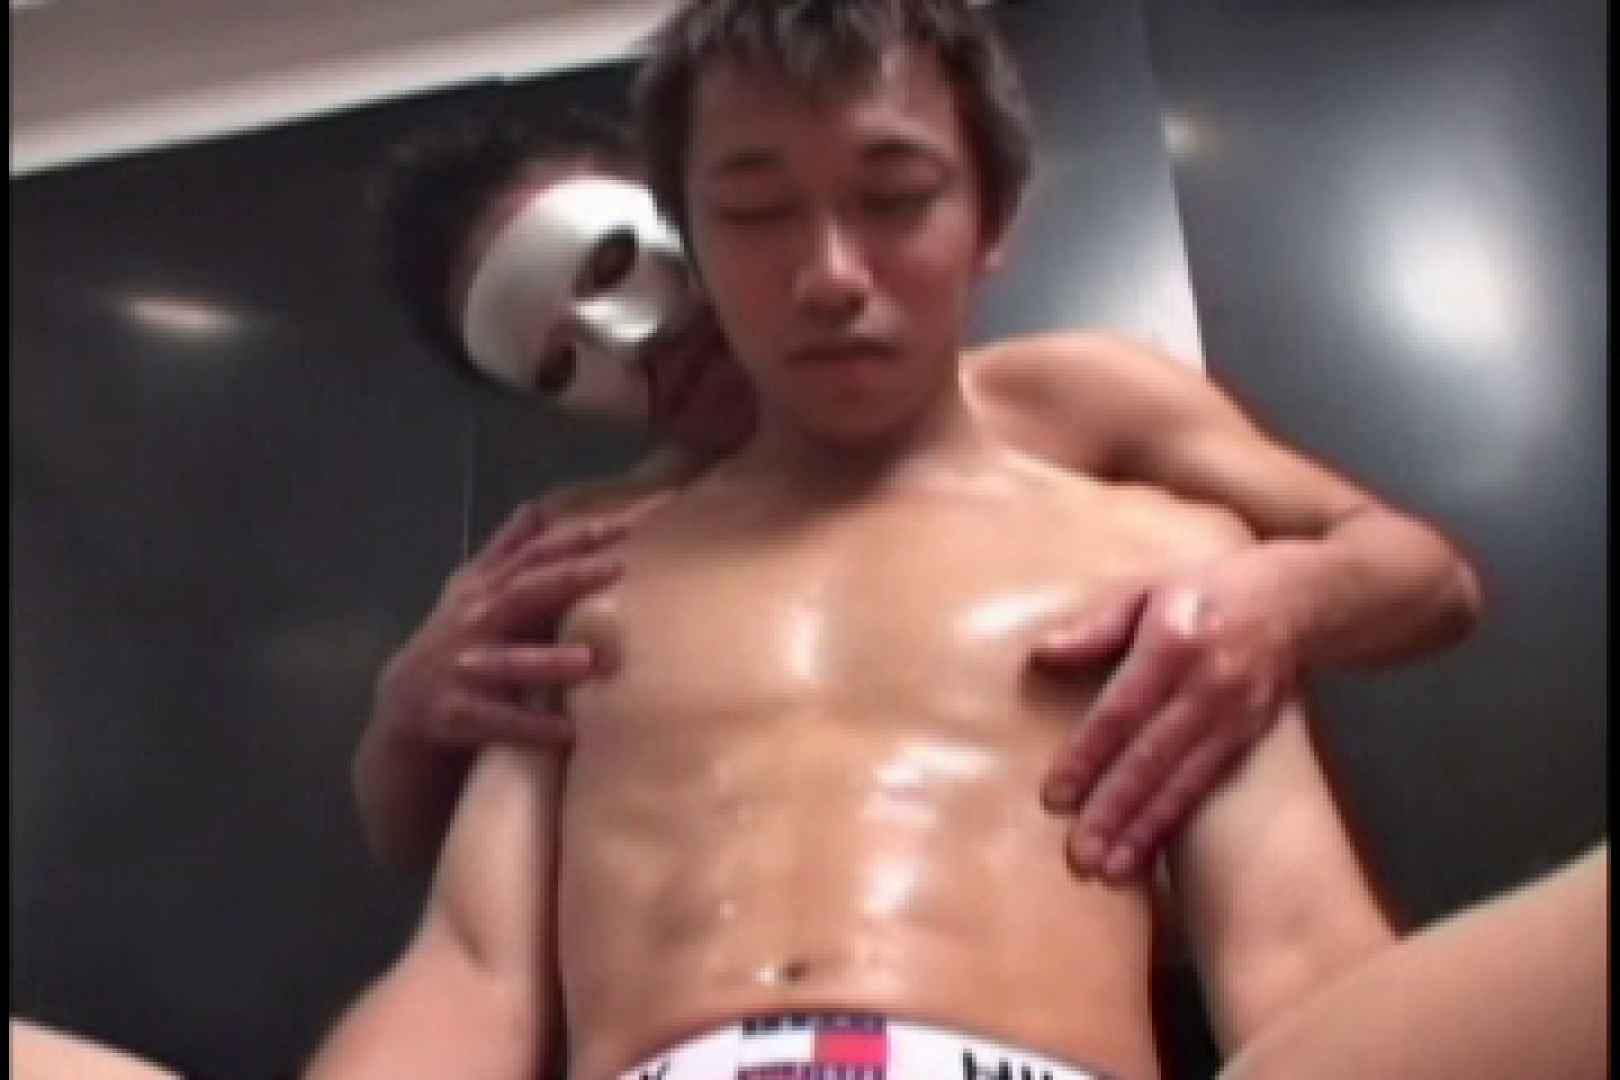 スポメン鍛え上げられた肉体と反り返るモッコリ!!03 ノンケのオナニー ゲイ無料エロ画像 69連発 2